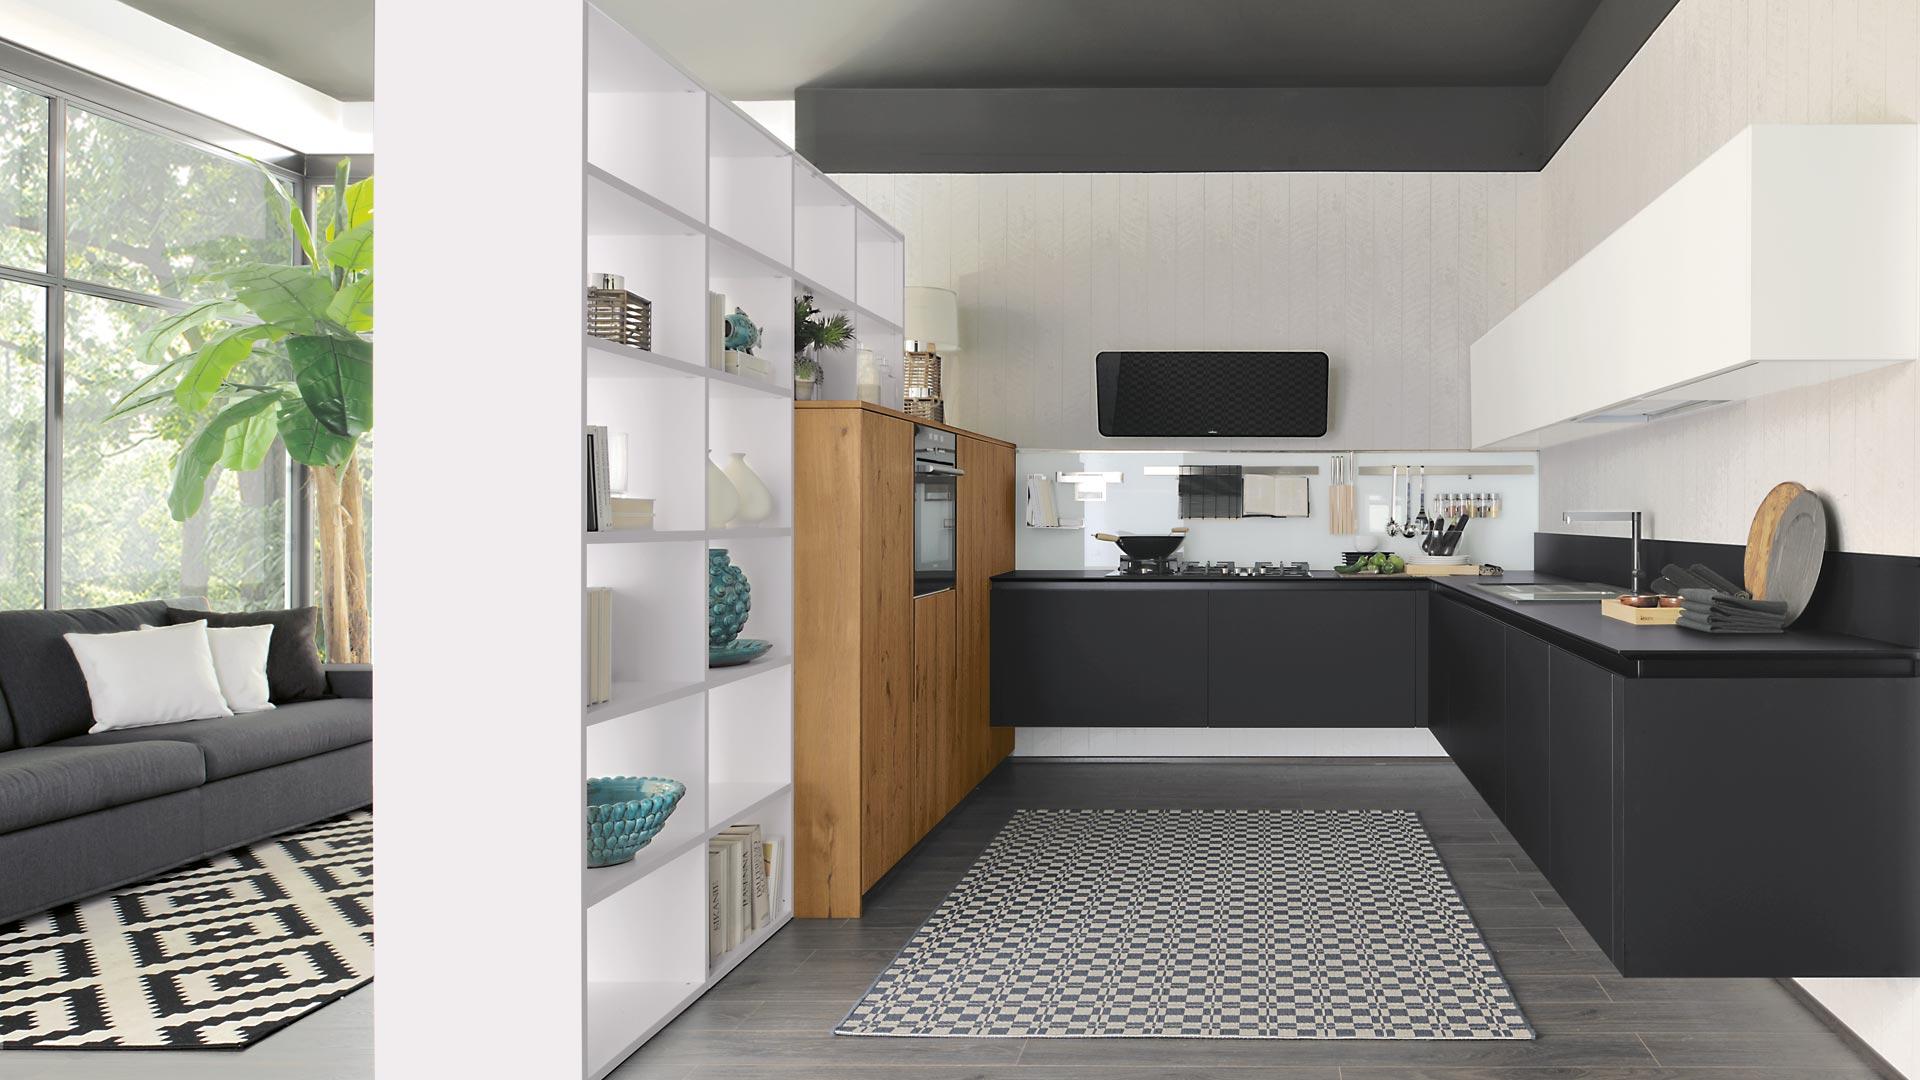 Cucina Lube Oltre Nera Rovere - Vissani Casa